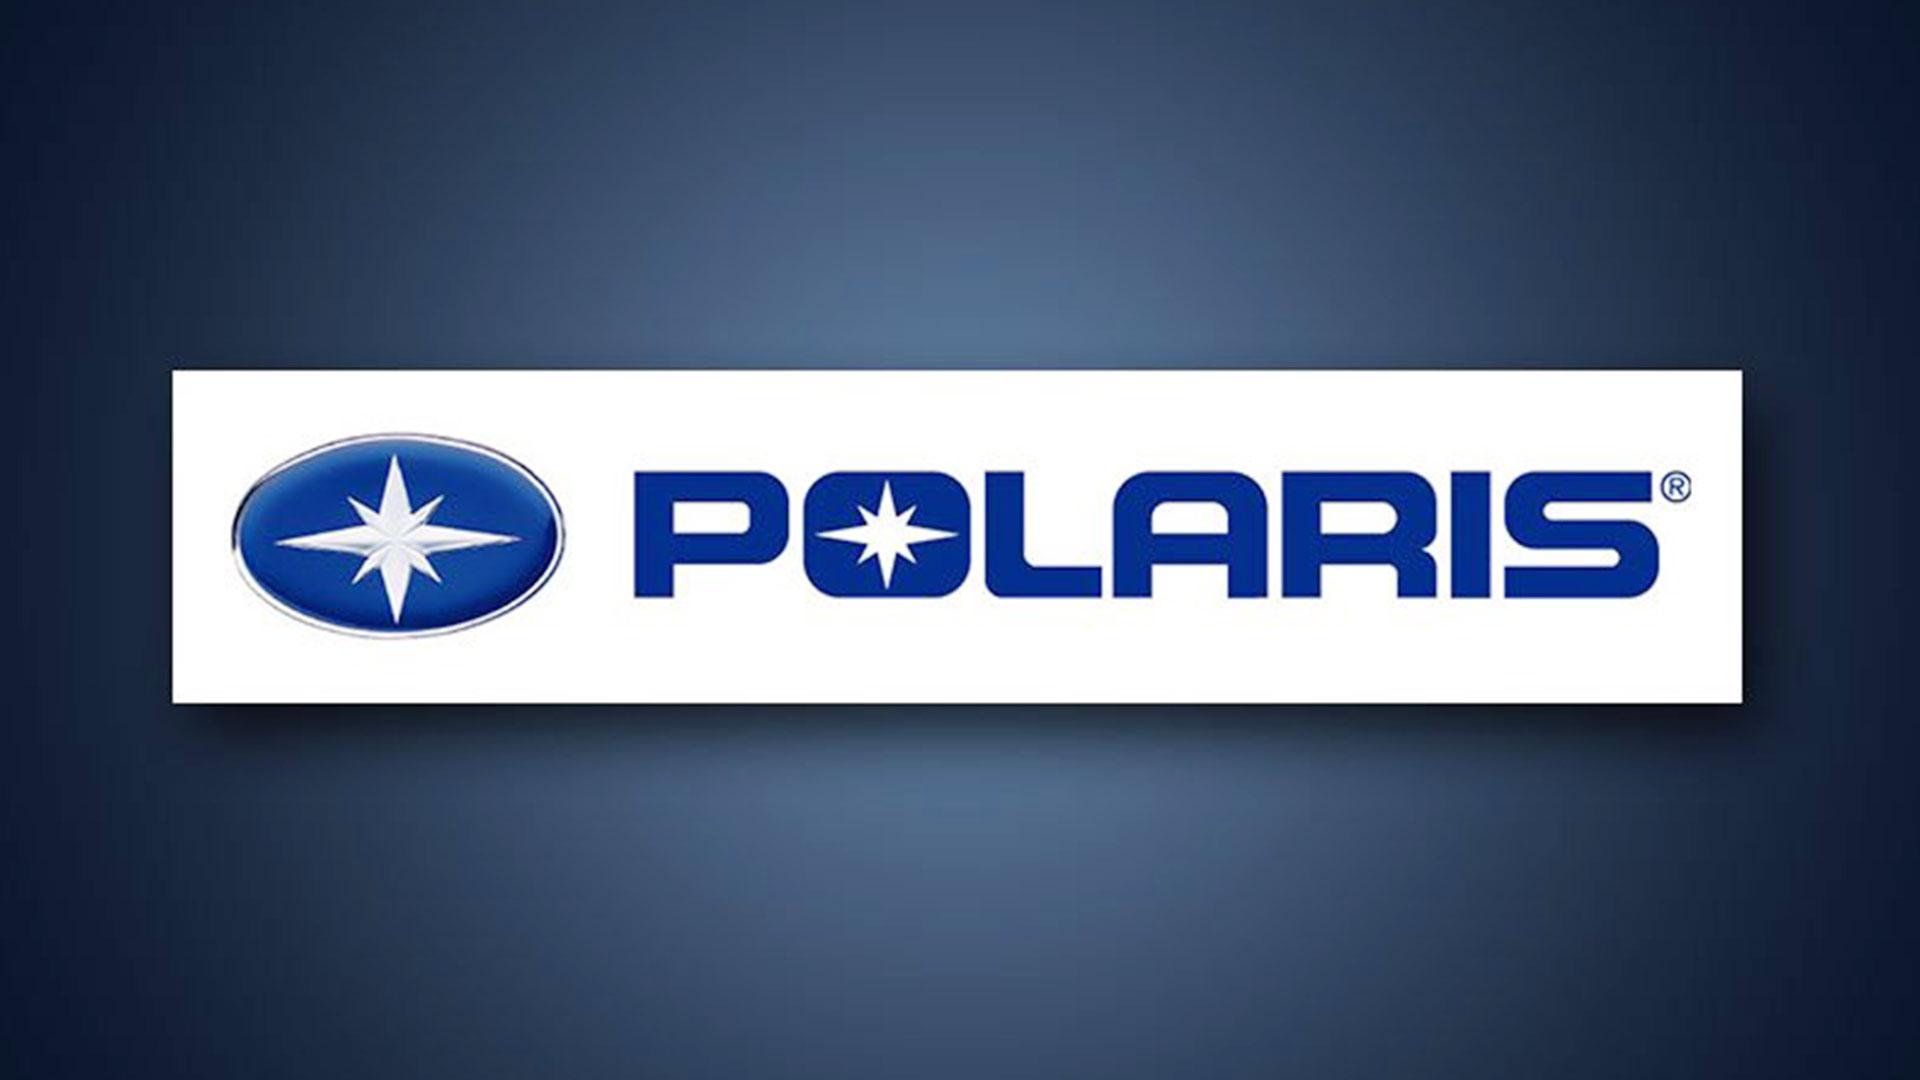 KELO Polaris